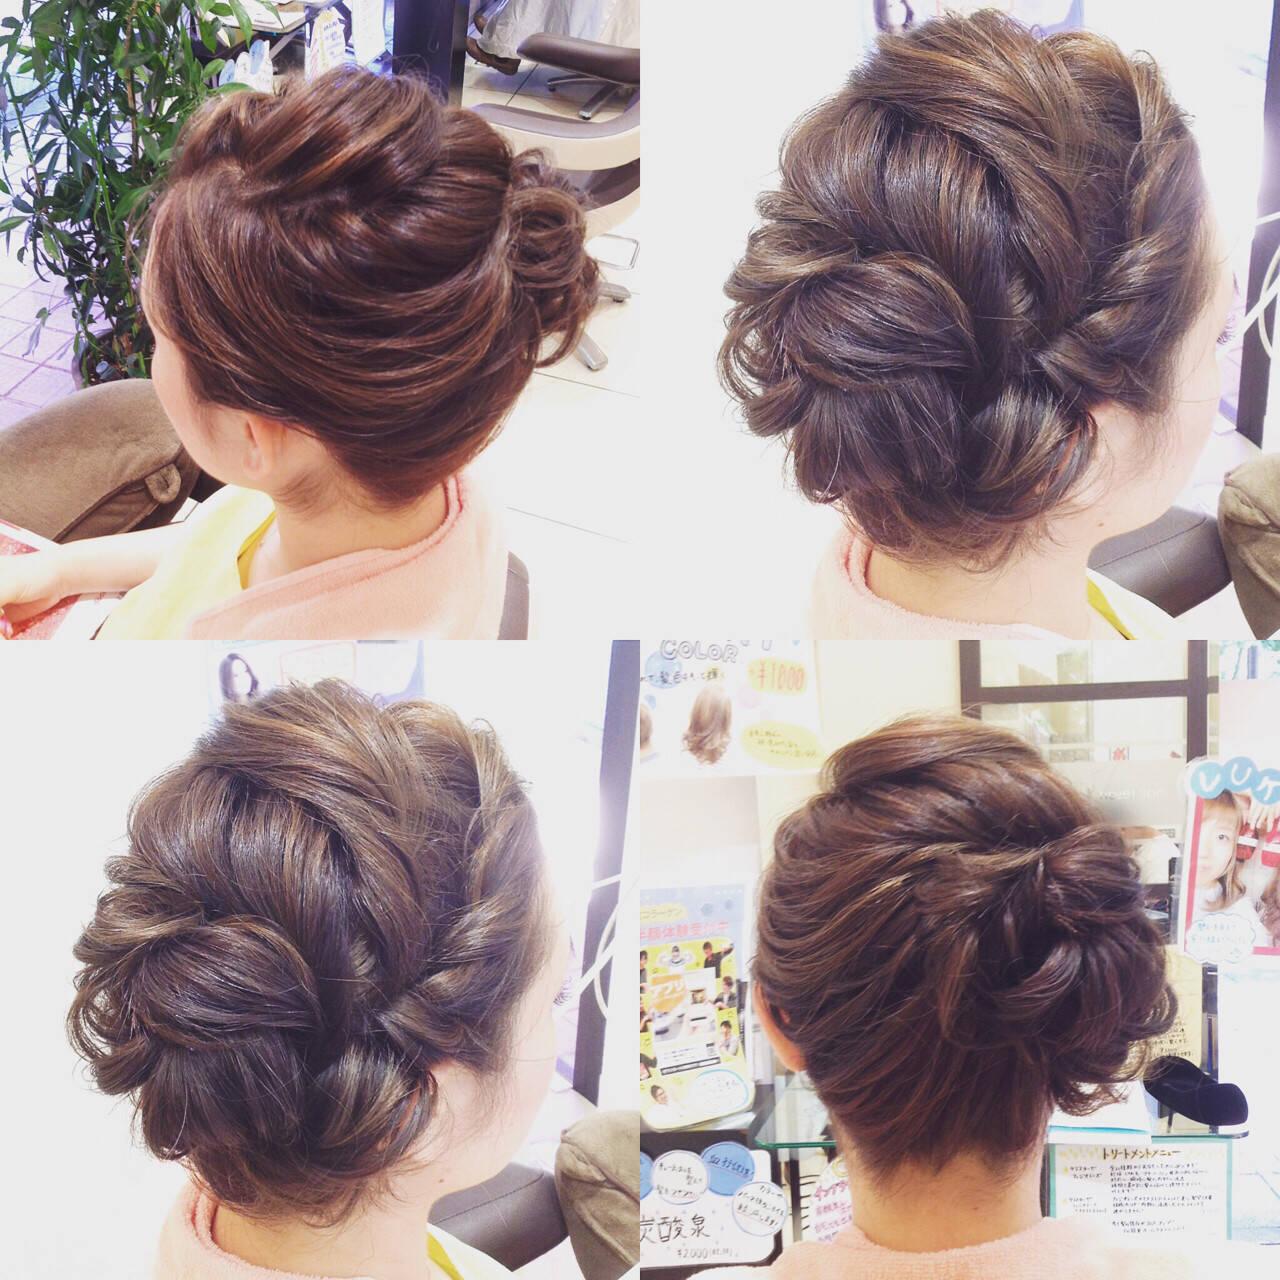 ツイスト 大人かわいい セミロング ハイライトヘアスタイルや髪型の写真・画像